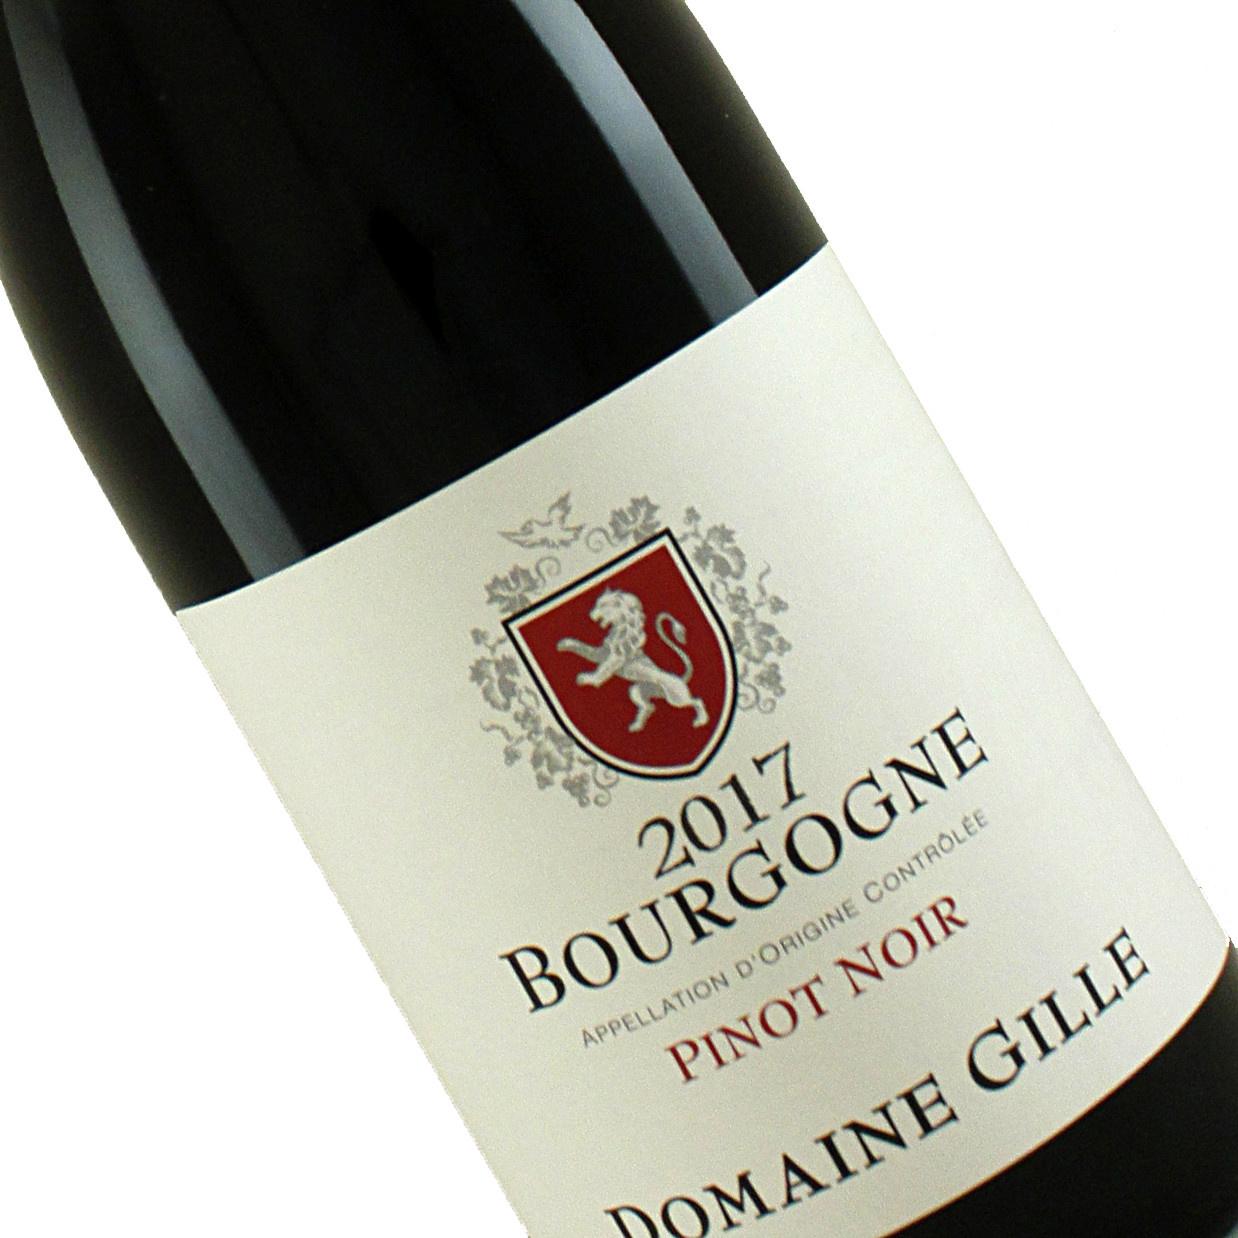 Domaine Gille 2017 Pinot Noir Bourgogne